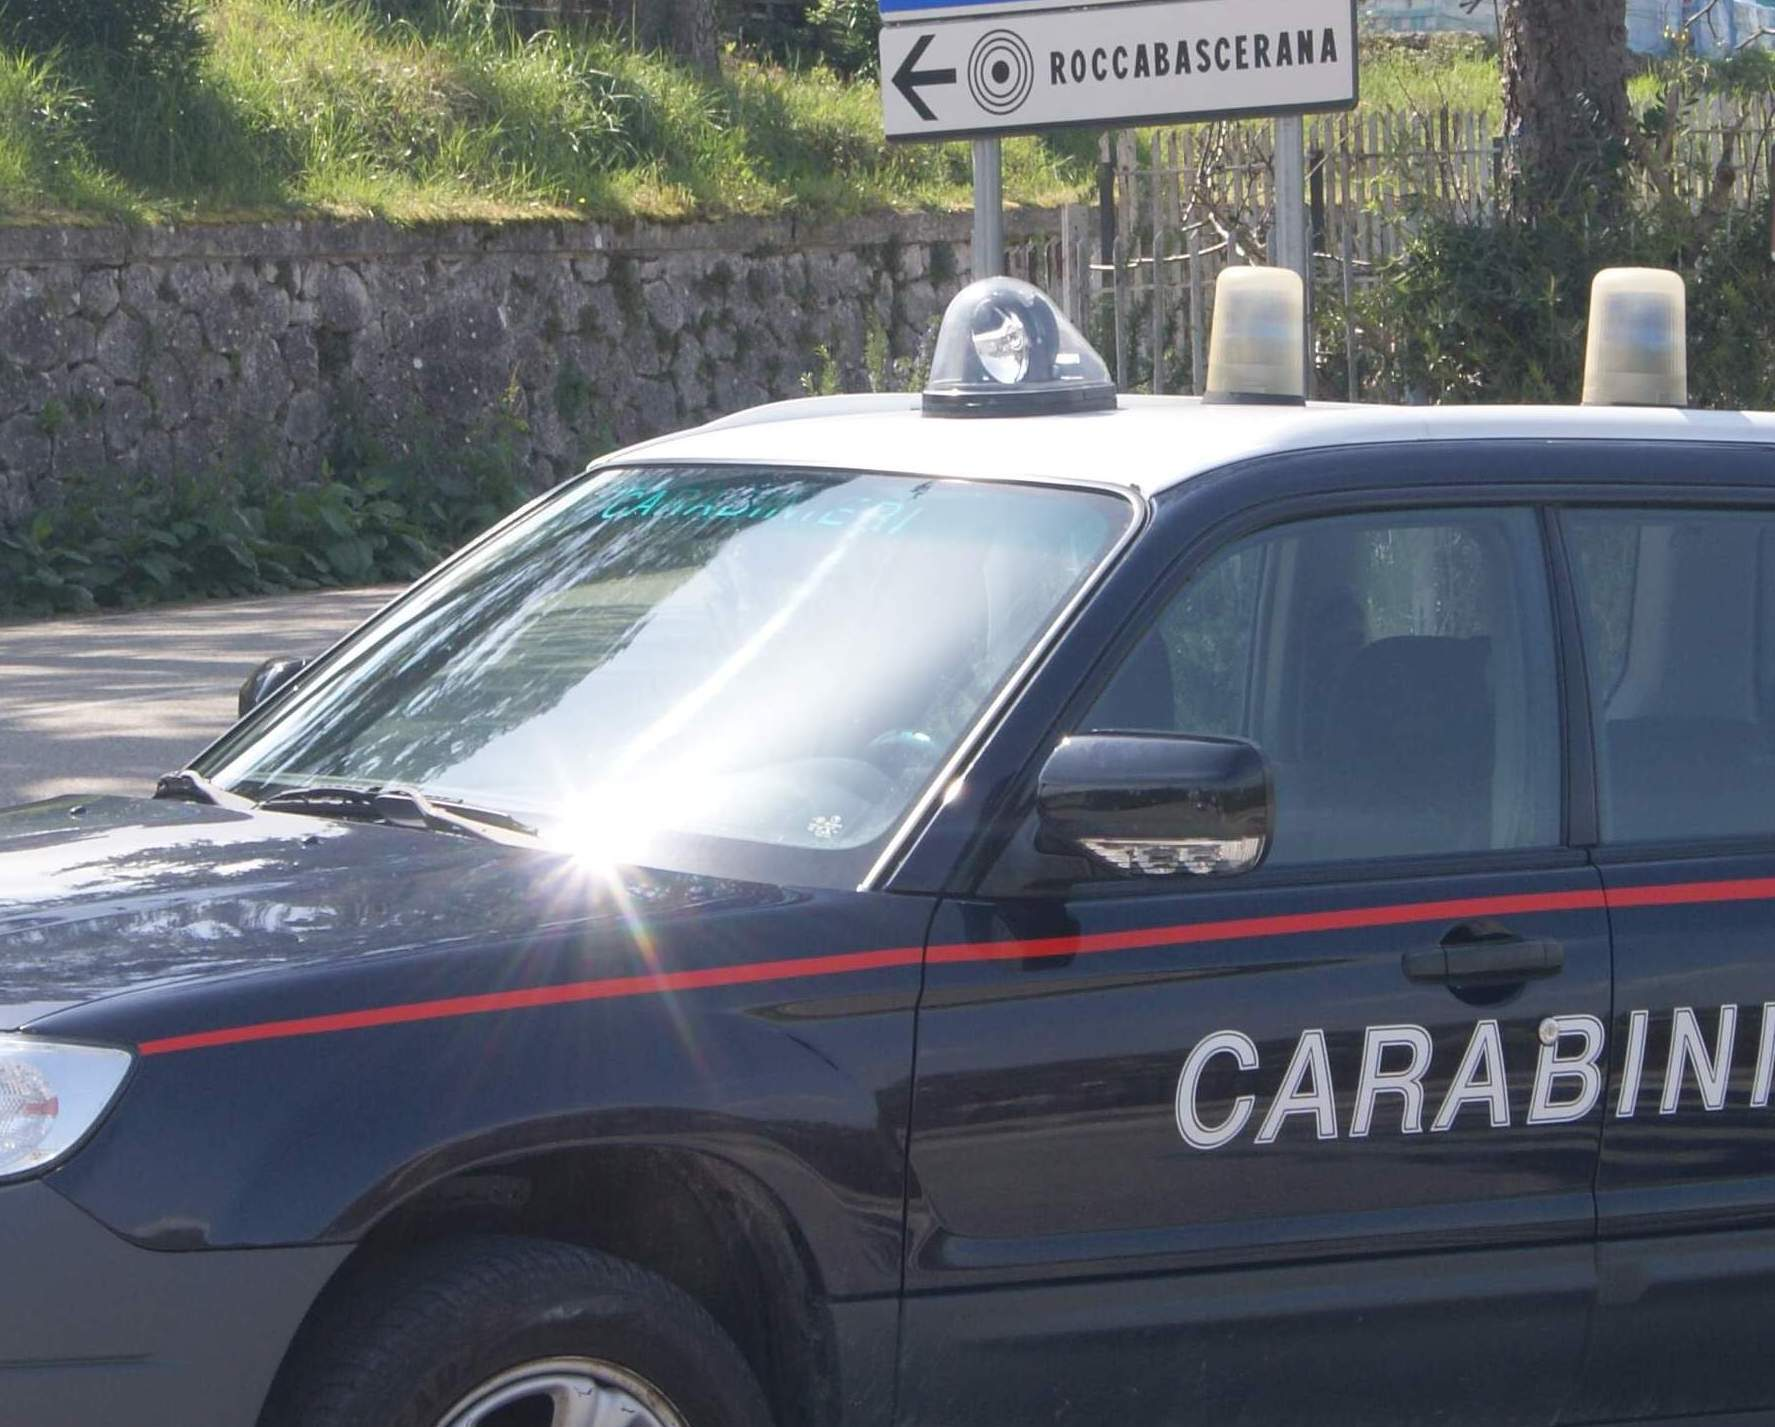 ROCCABASCERANA | VIOLA LE PRESCRIZIONI IMPOSTE: ARRESTATO DOMICILIARE TRADOTTO IN CARCERE.